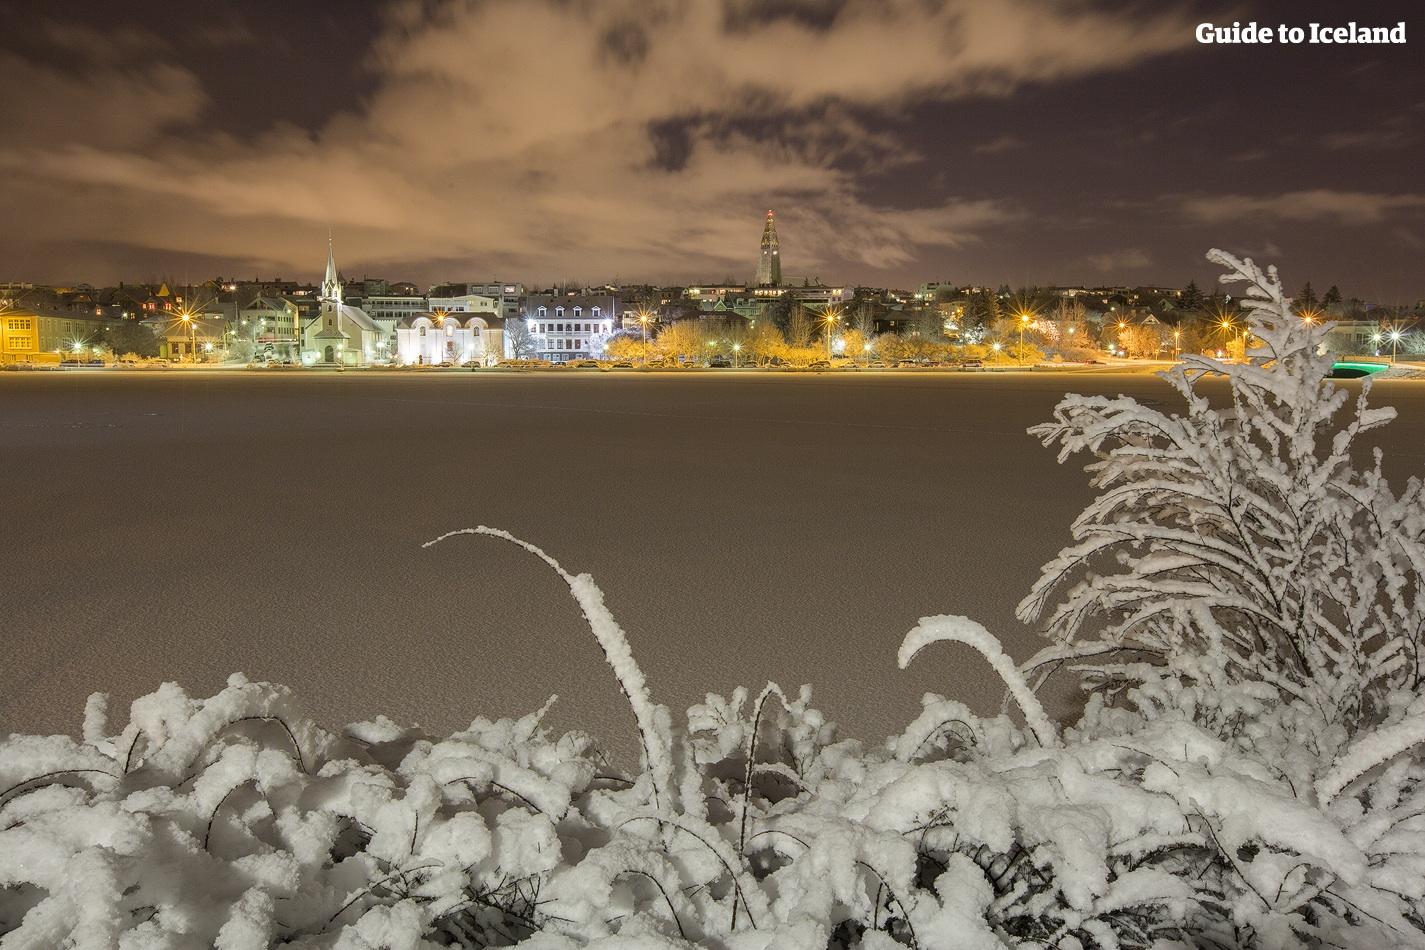 冰岛冬季首都雷克雅未克托宁湖的景色